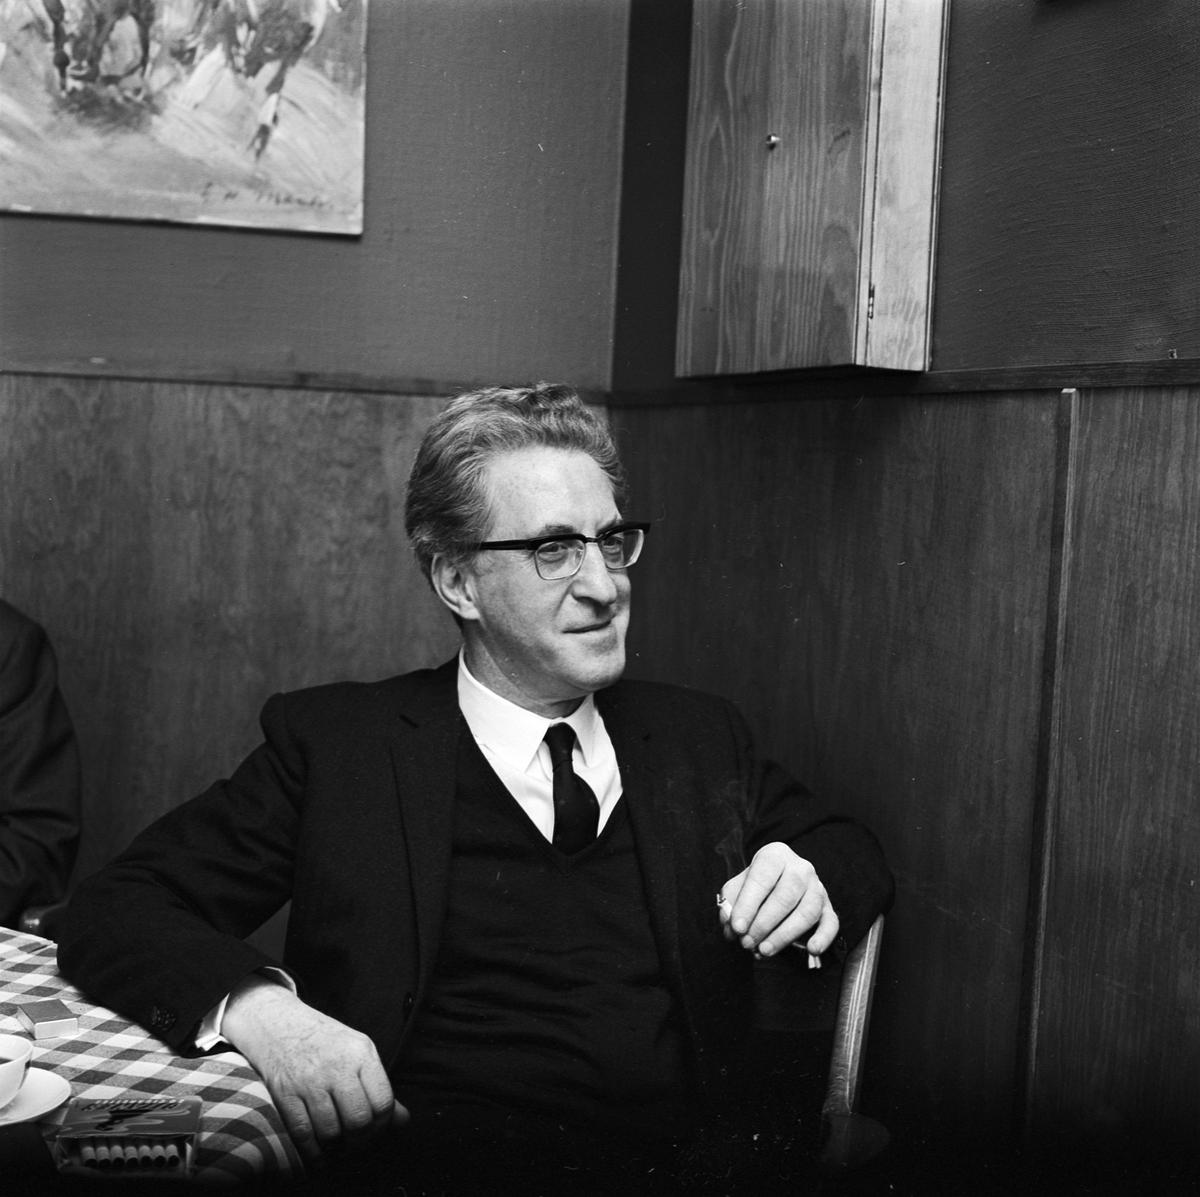 Institutet för högspänningsforskning, atomspecialist och uppfinnare Siegfrid Klein på besök, Uppsala 1966